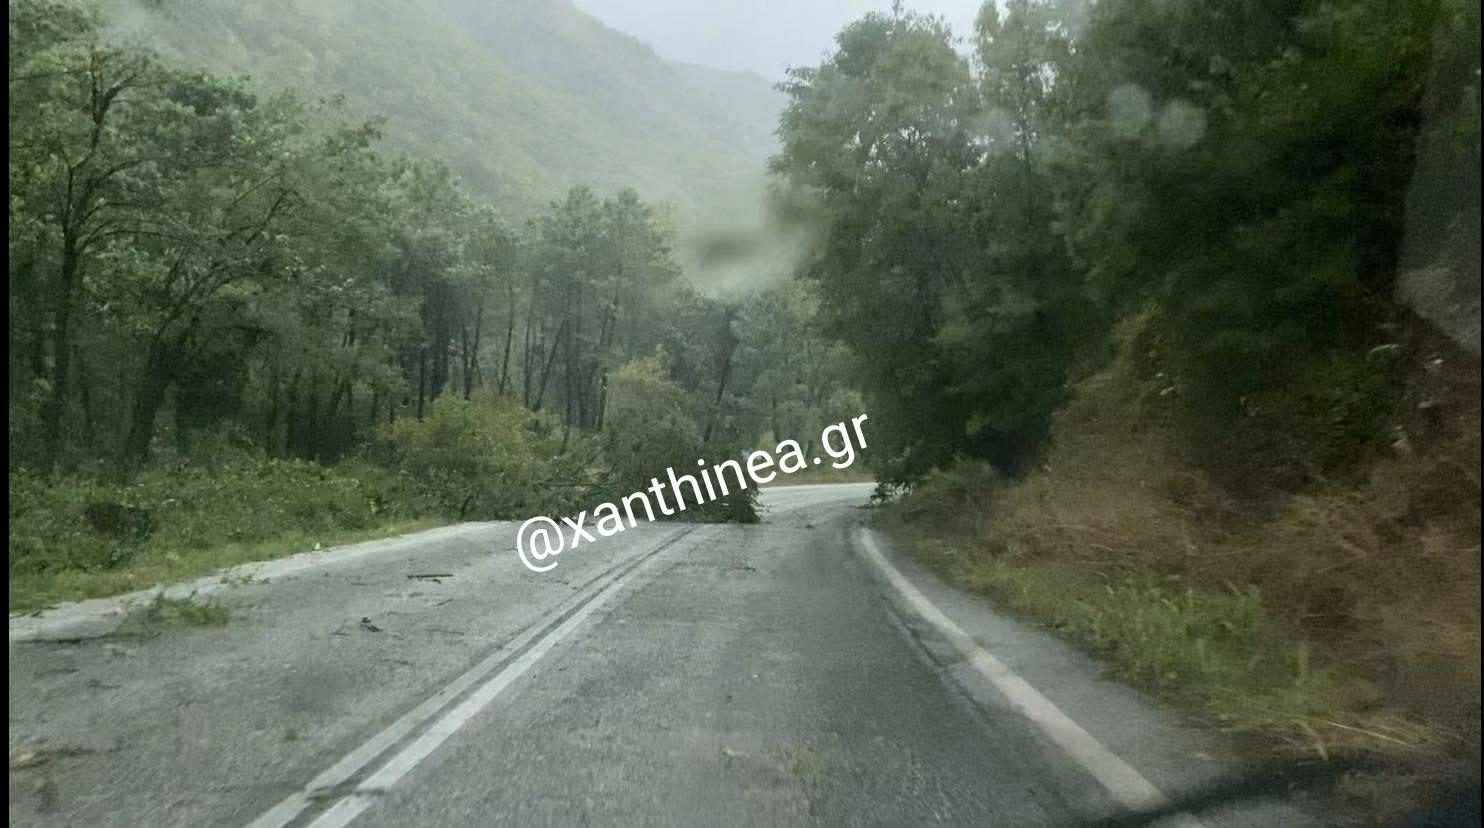 Πτώσεις δέντρων στην ορεινή Ξάνθη από κεραυνό - ΒΙΝΤΕΟ